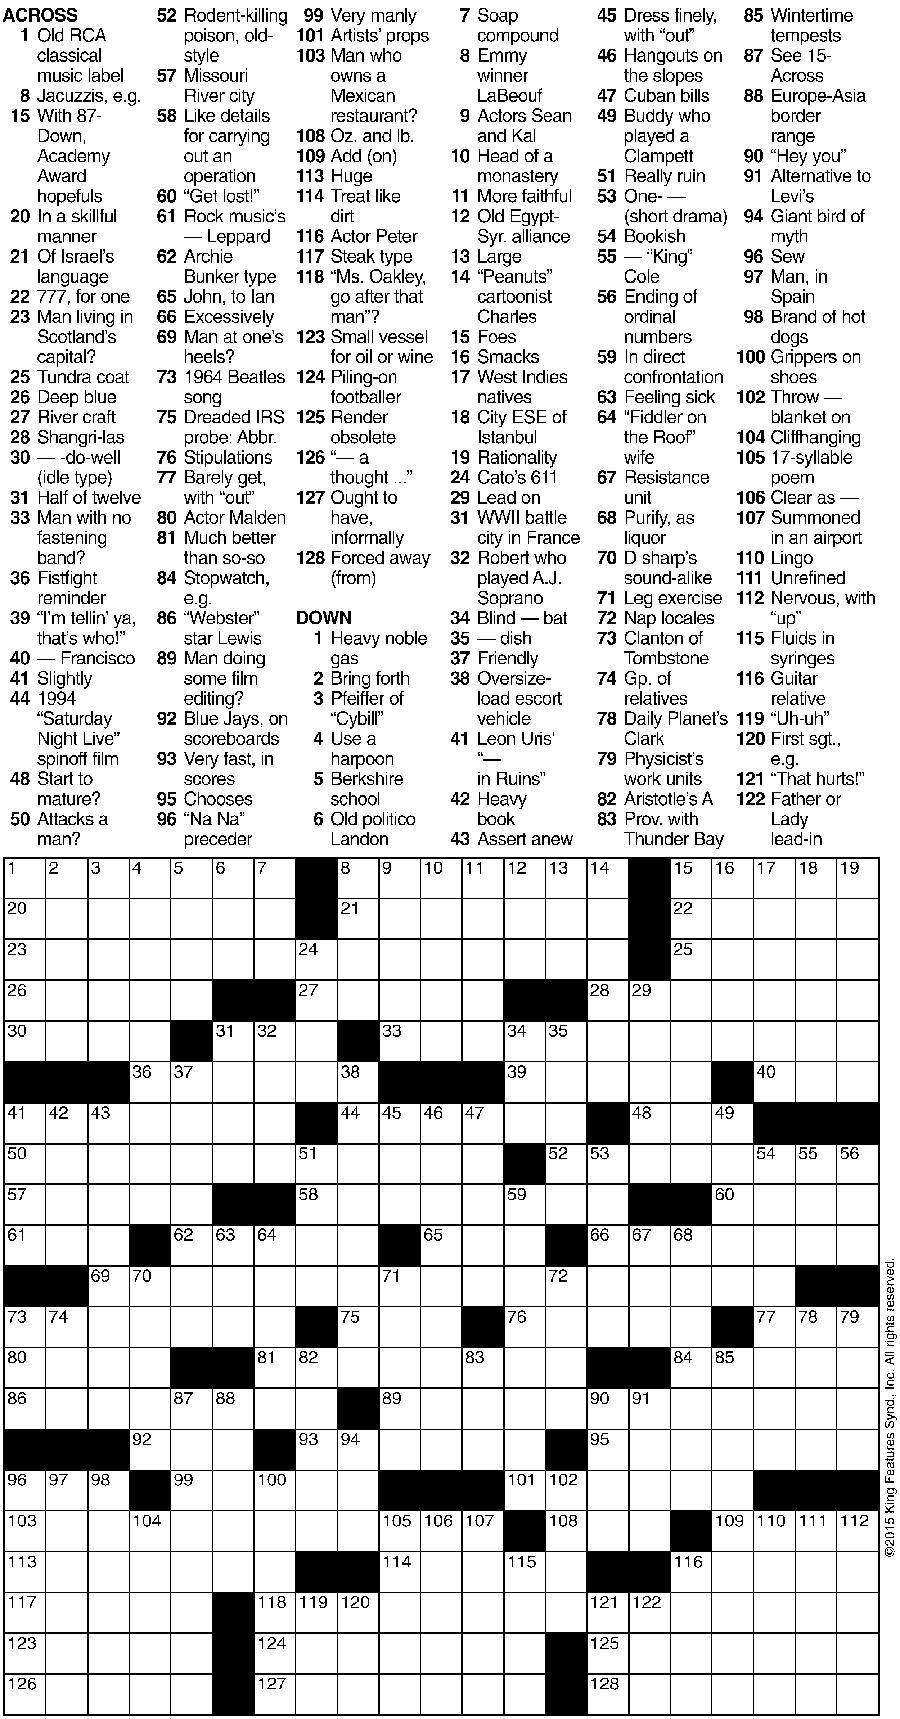 crossword1-2.png